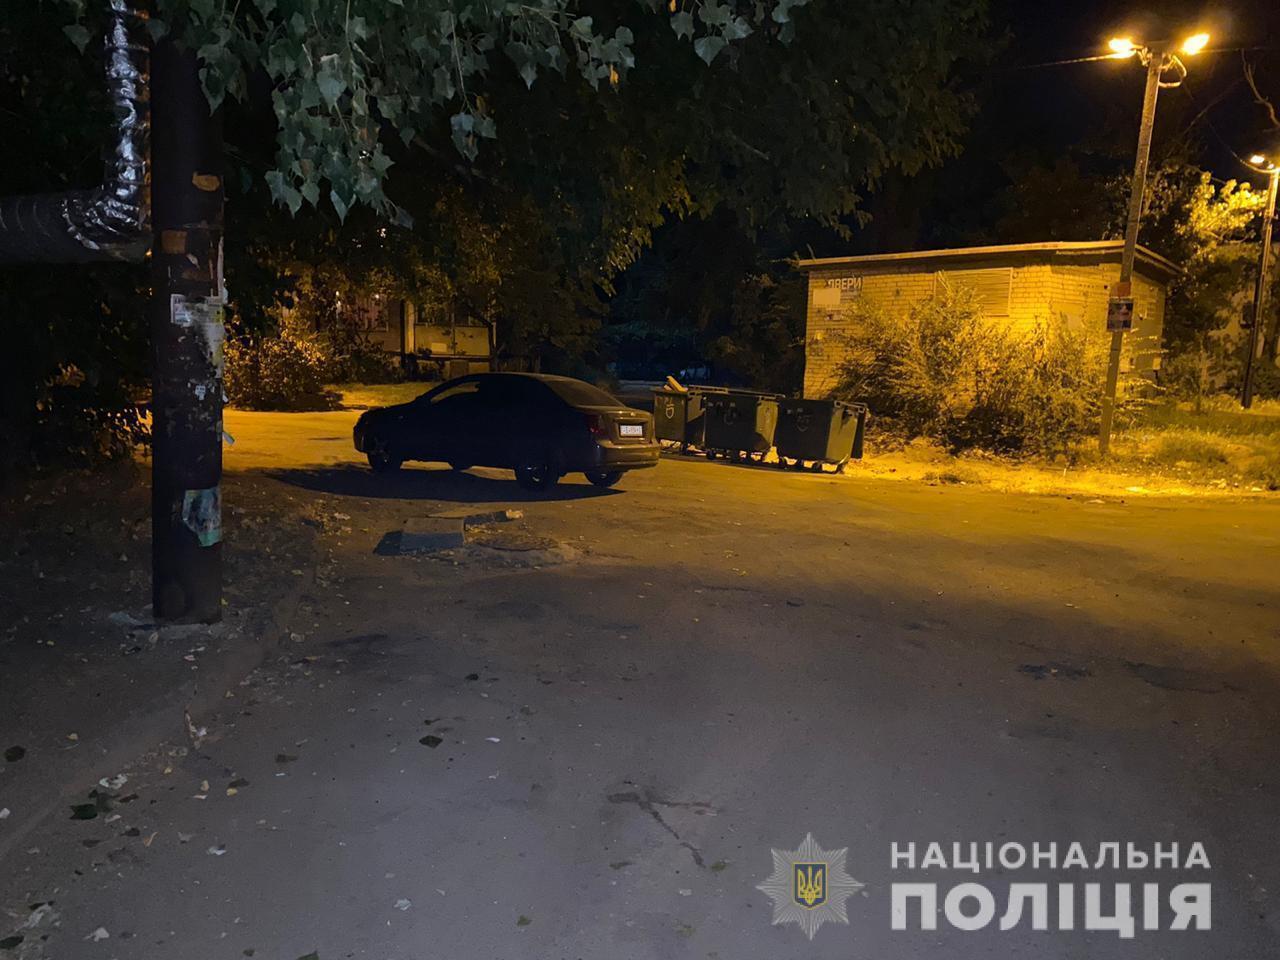 Інцидент стався в Індустріальному районі Дніпра.